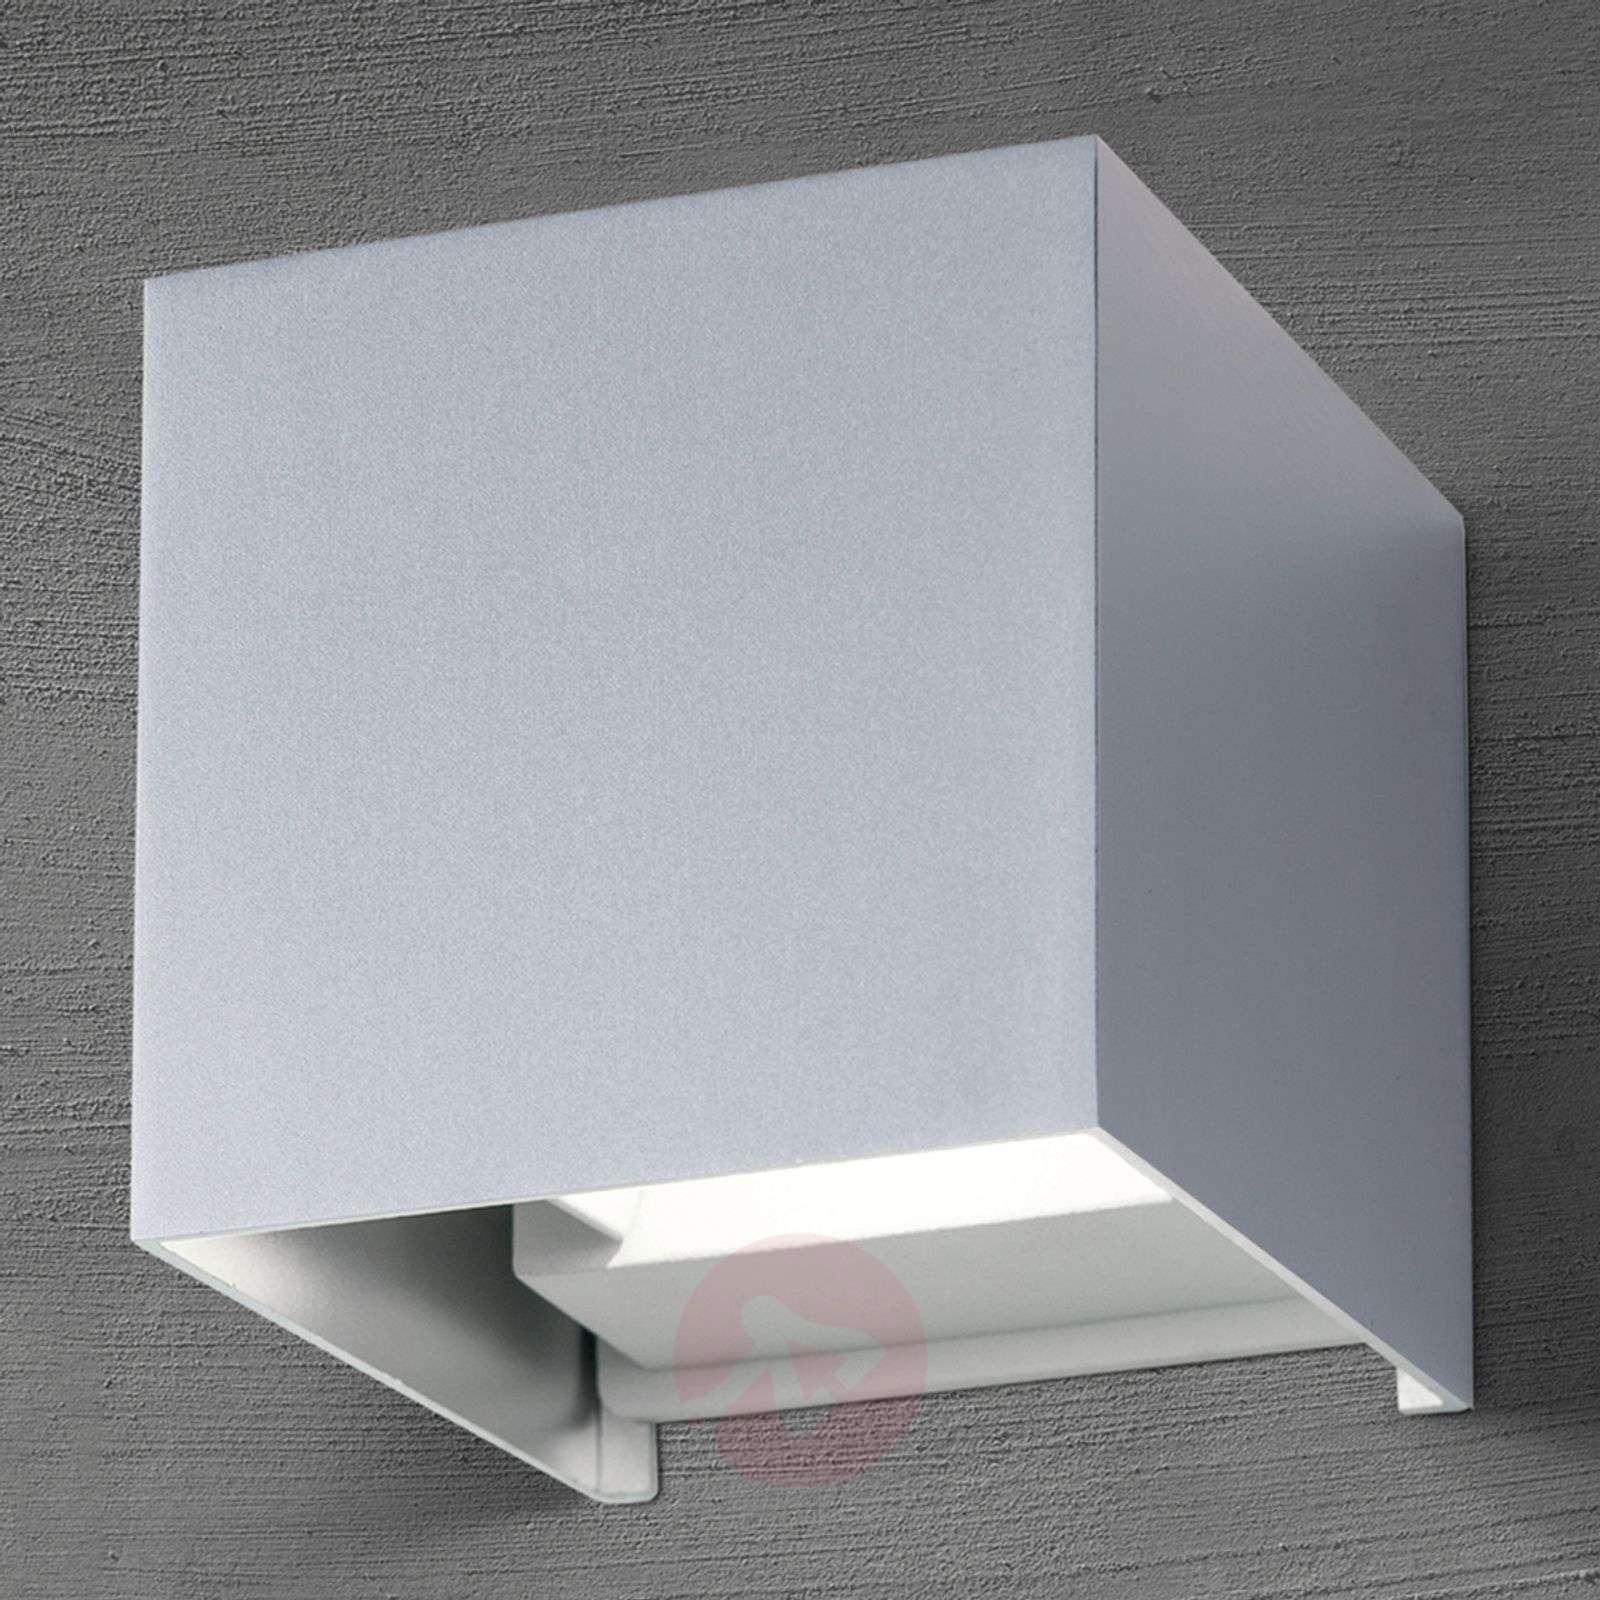 LED-ulkoseinälamppu Cube alumiini-7255468-01